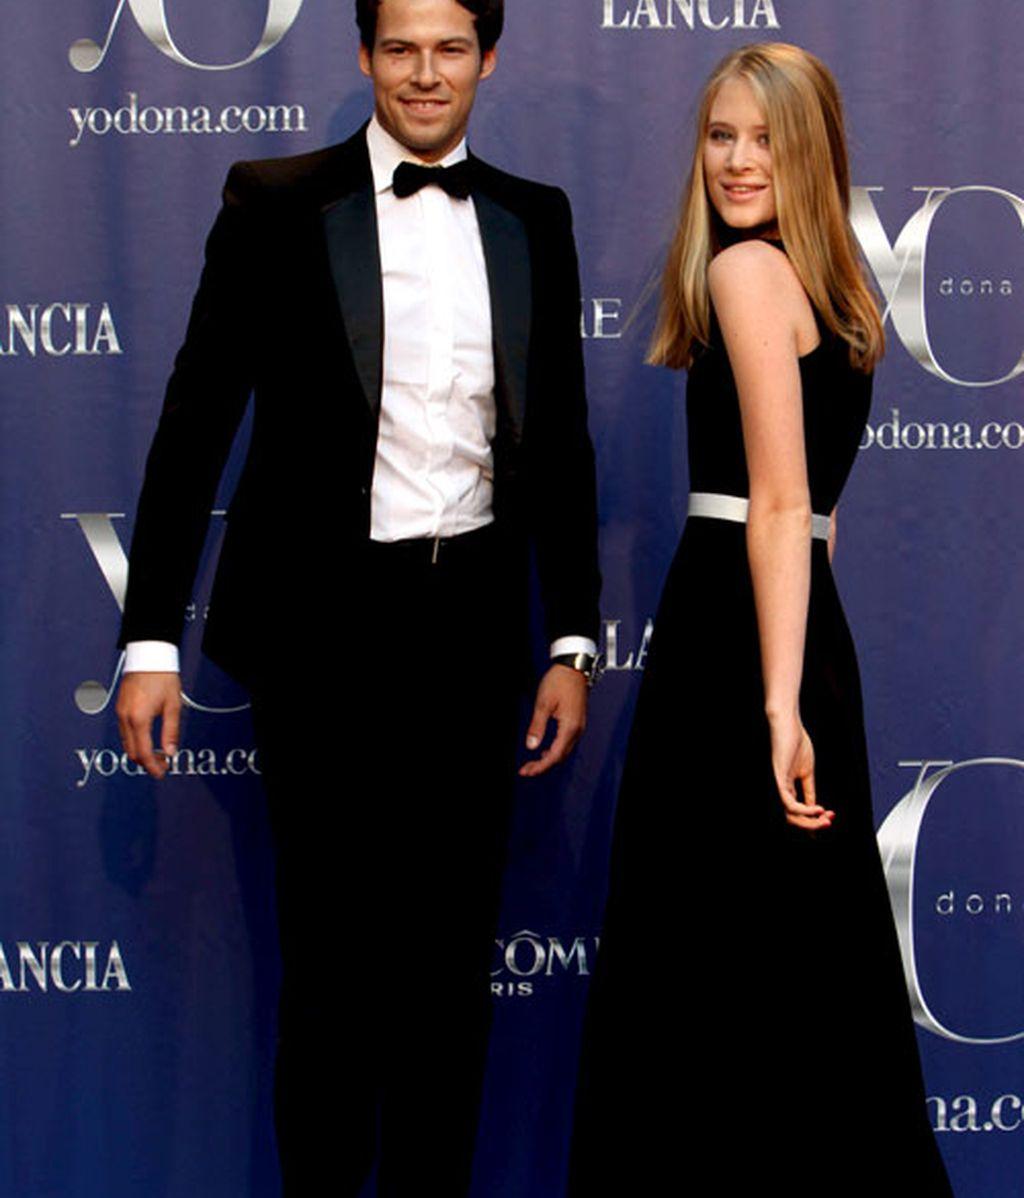 Modelazos en los premios Yo Dona